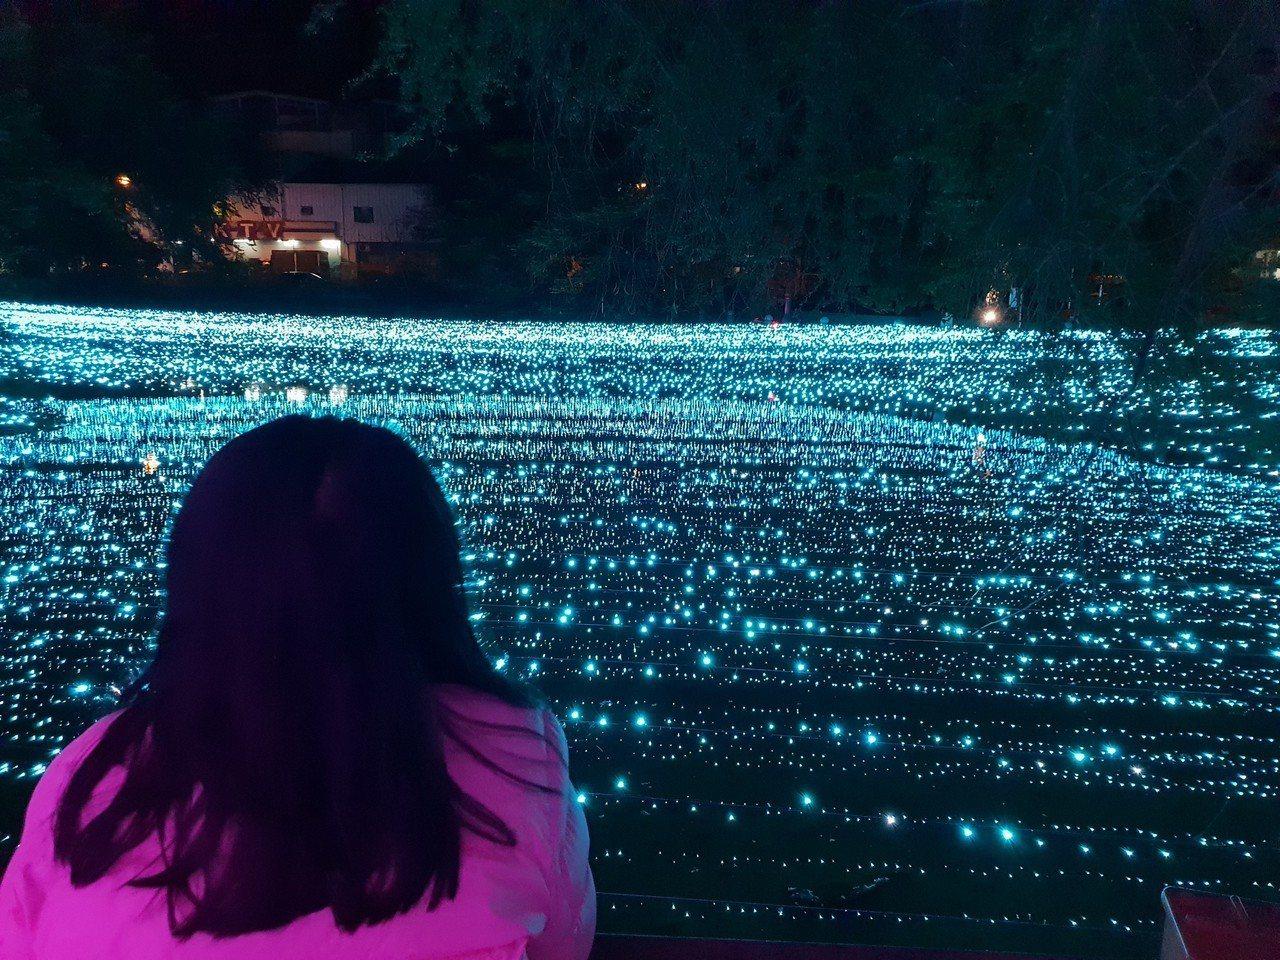 南投縣南投市公所在後方小河架設燈光造景,以一整片寧靜的「蒂芬妮藍燈海」作為主要場...